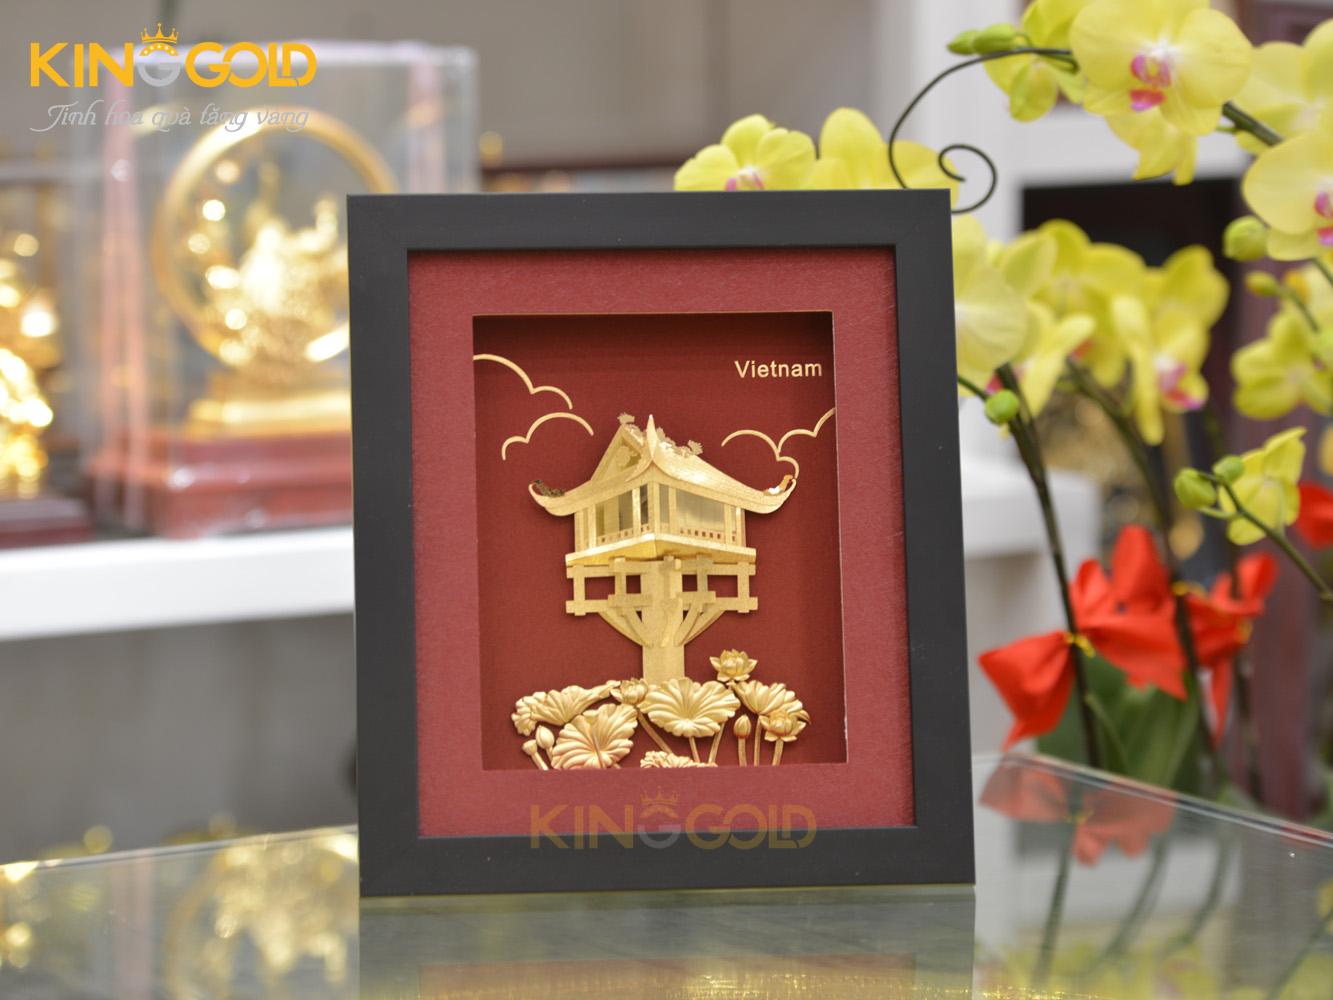 Tranh đồng lưu niệm – quà tặng khách nước ngoài trang trọng